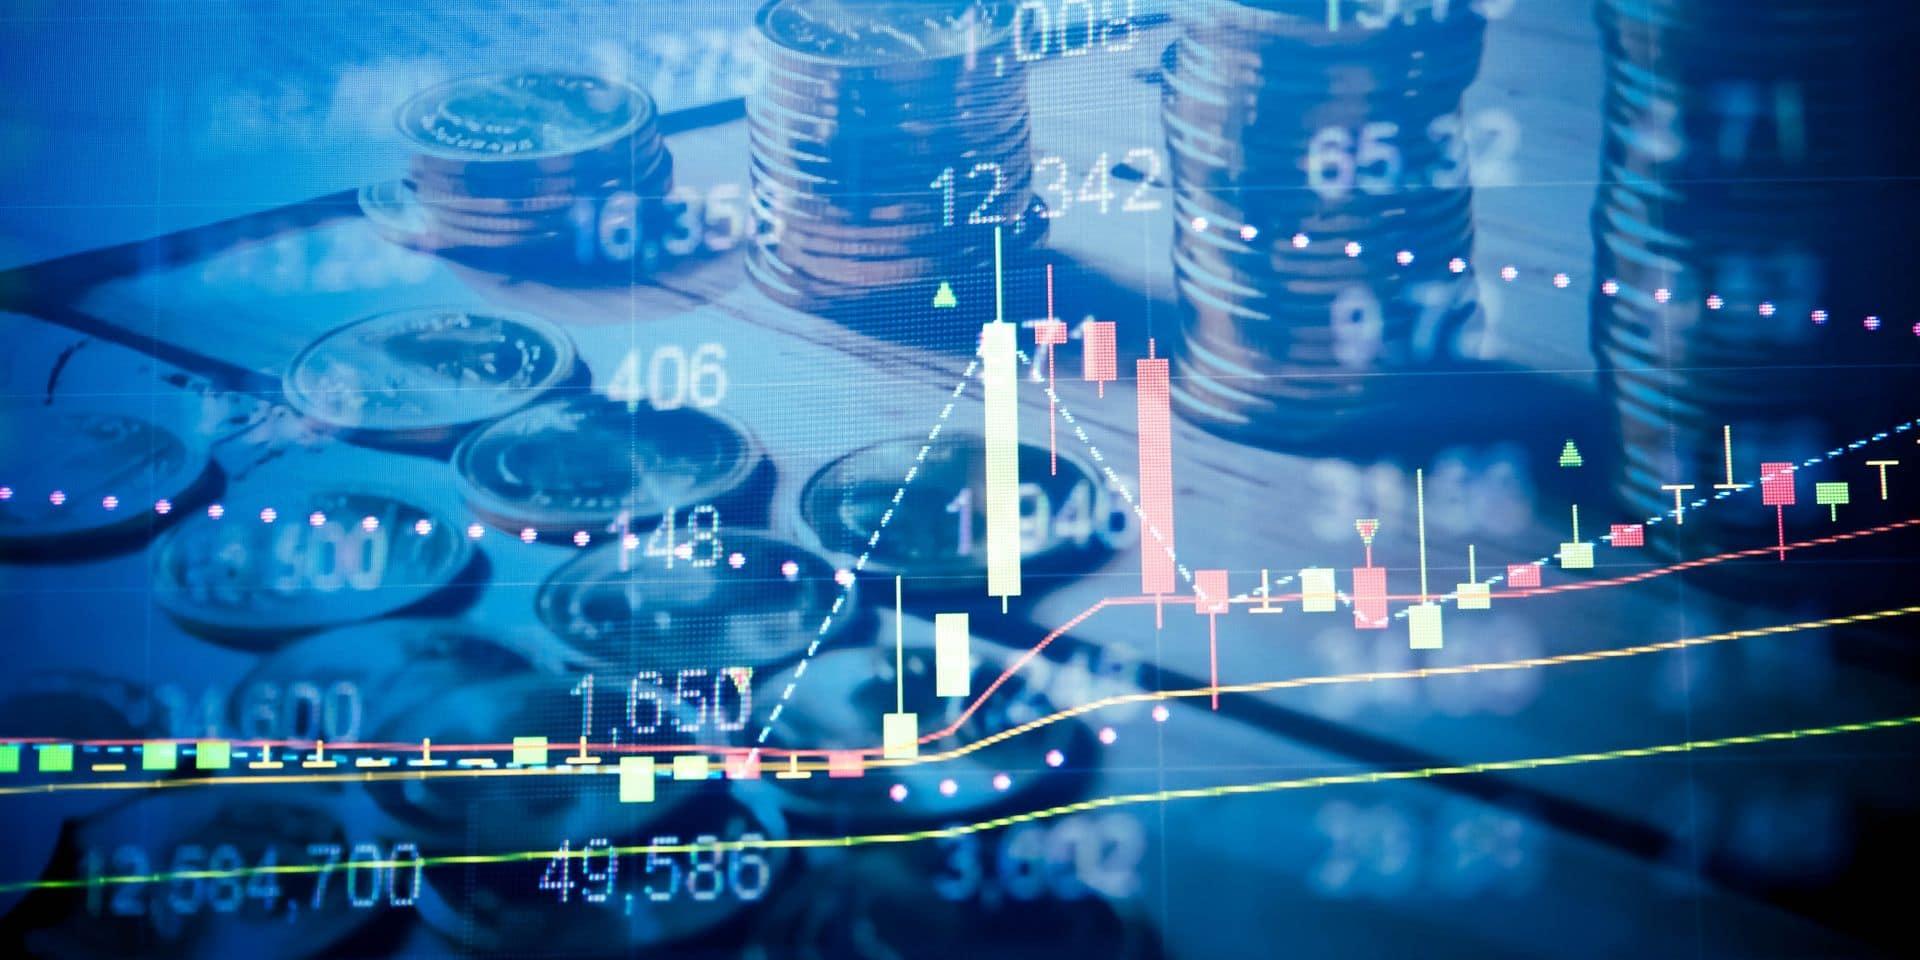 44 milliards de dollars pour une entreprise qui publie chaque mois des indices d'activités économiques